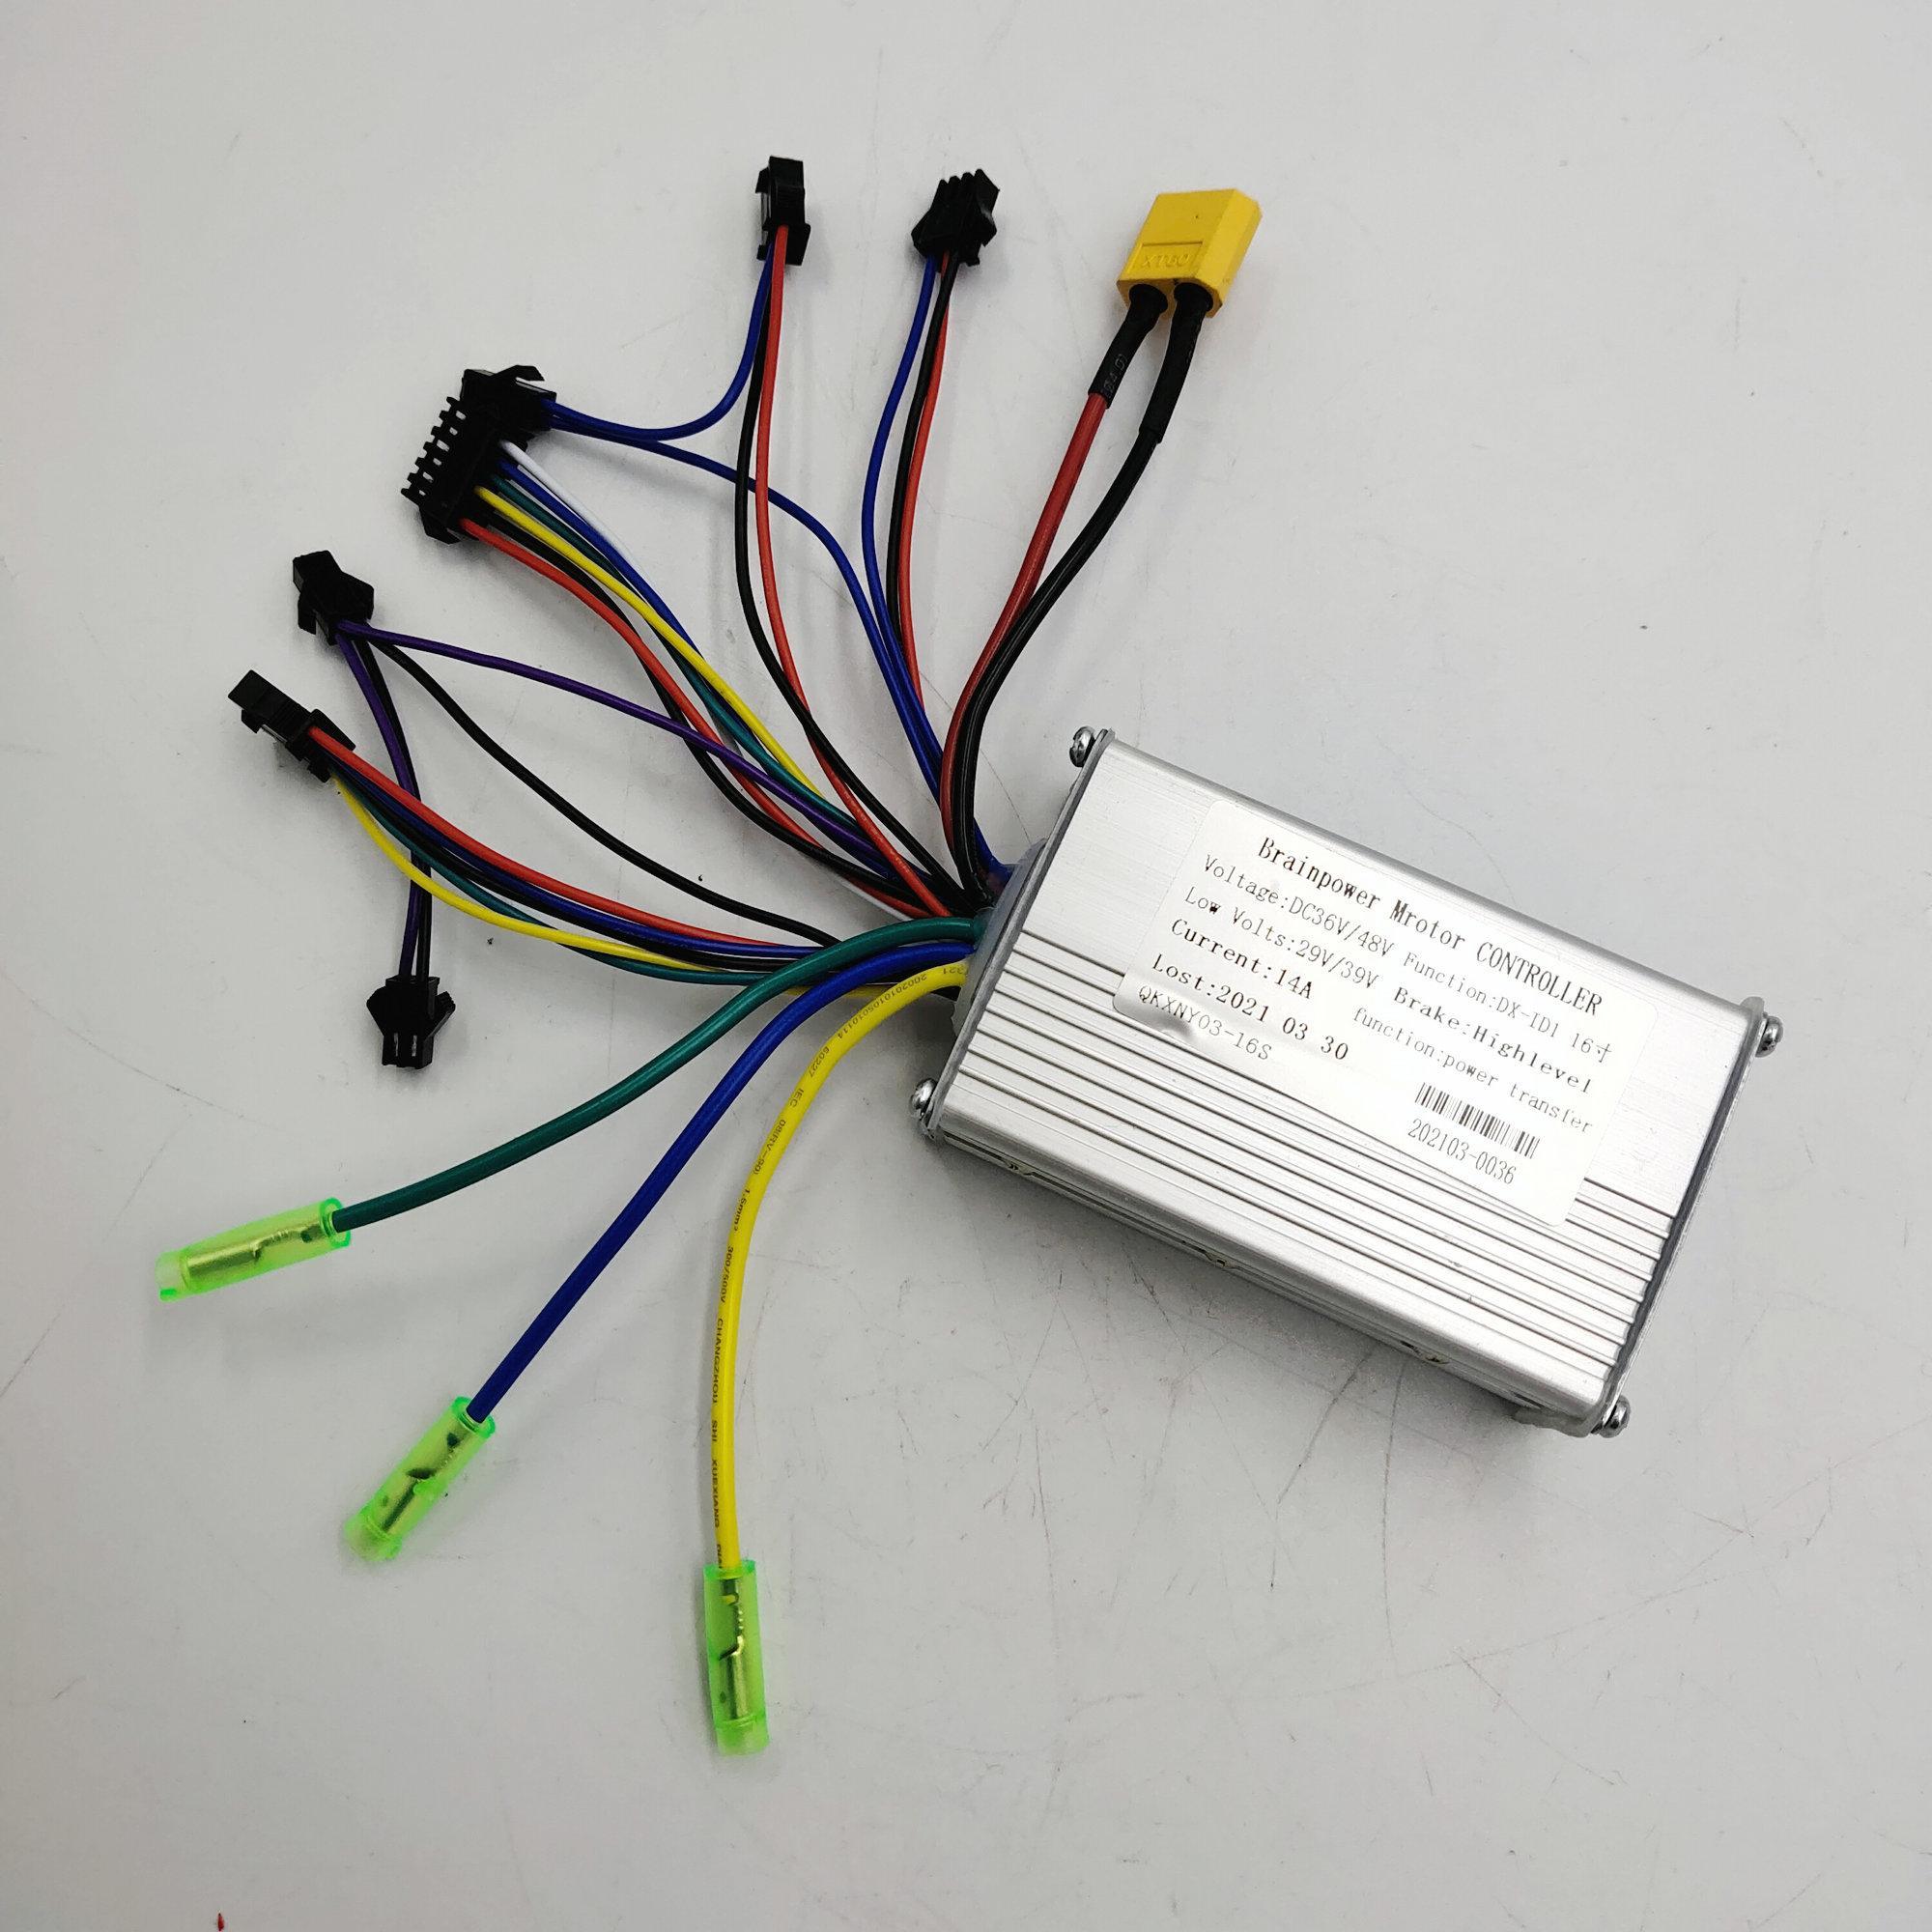 Contrôleur 36V250W13A 6MOSFET BLDC pour vélo électrique CMSF16 CMSF16 plus accessoire de vélo pliant avec batterie de Lthium